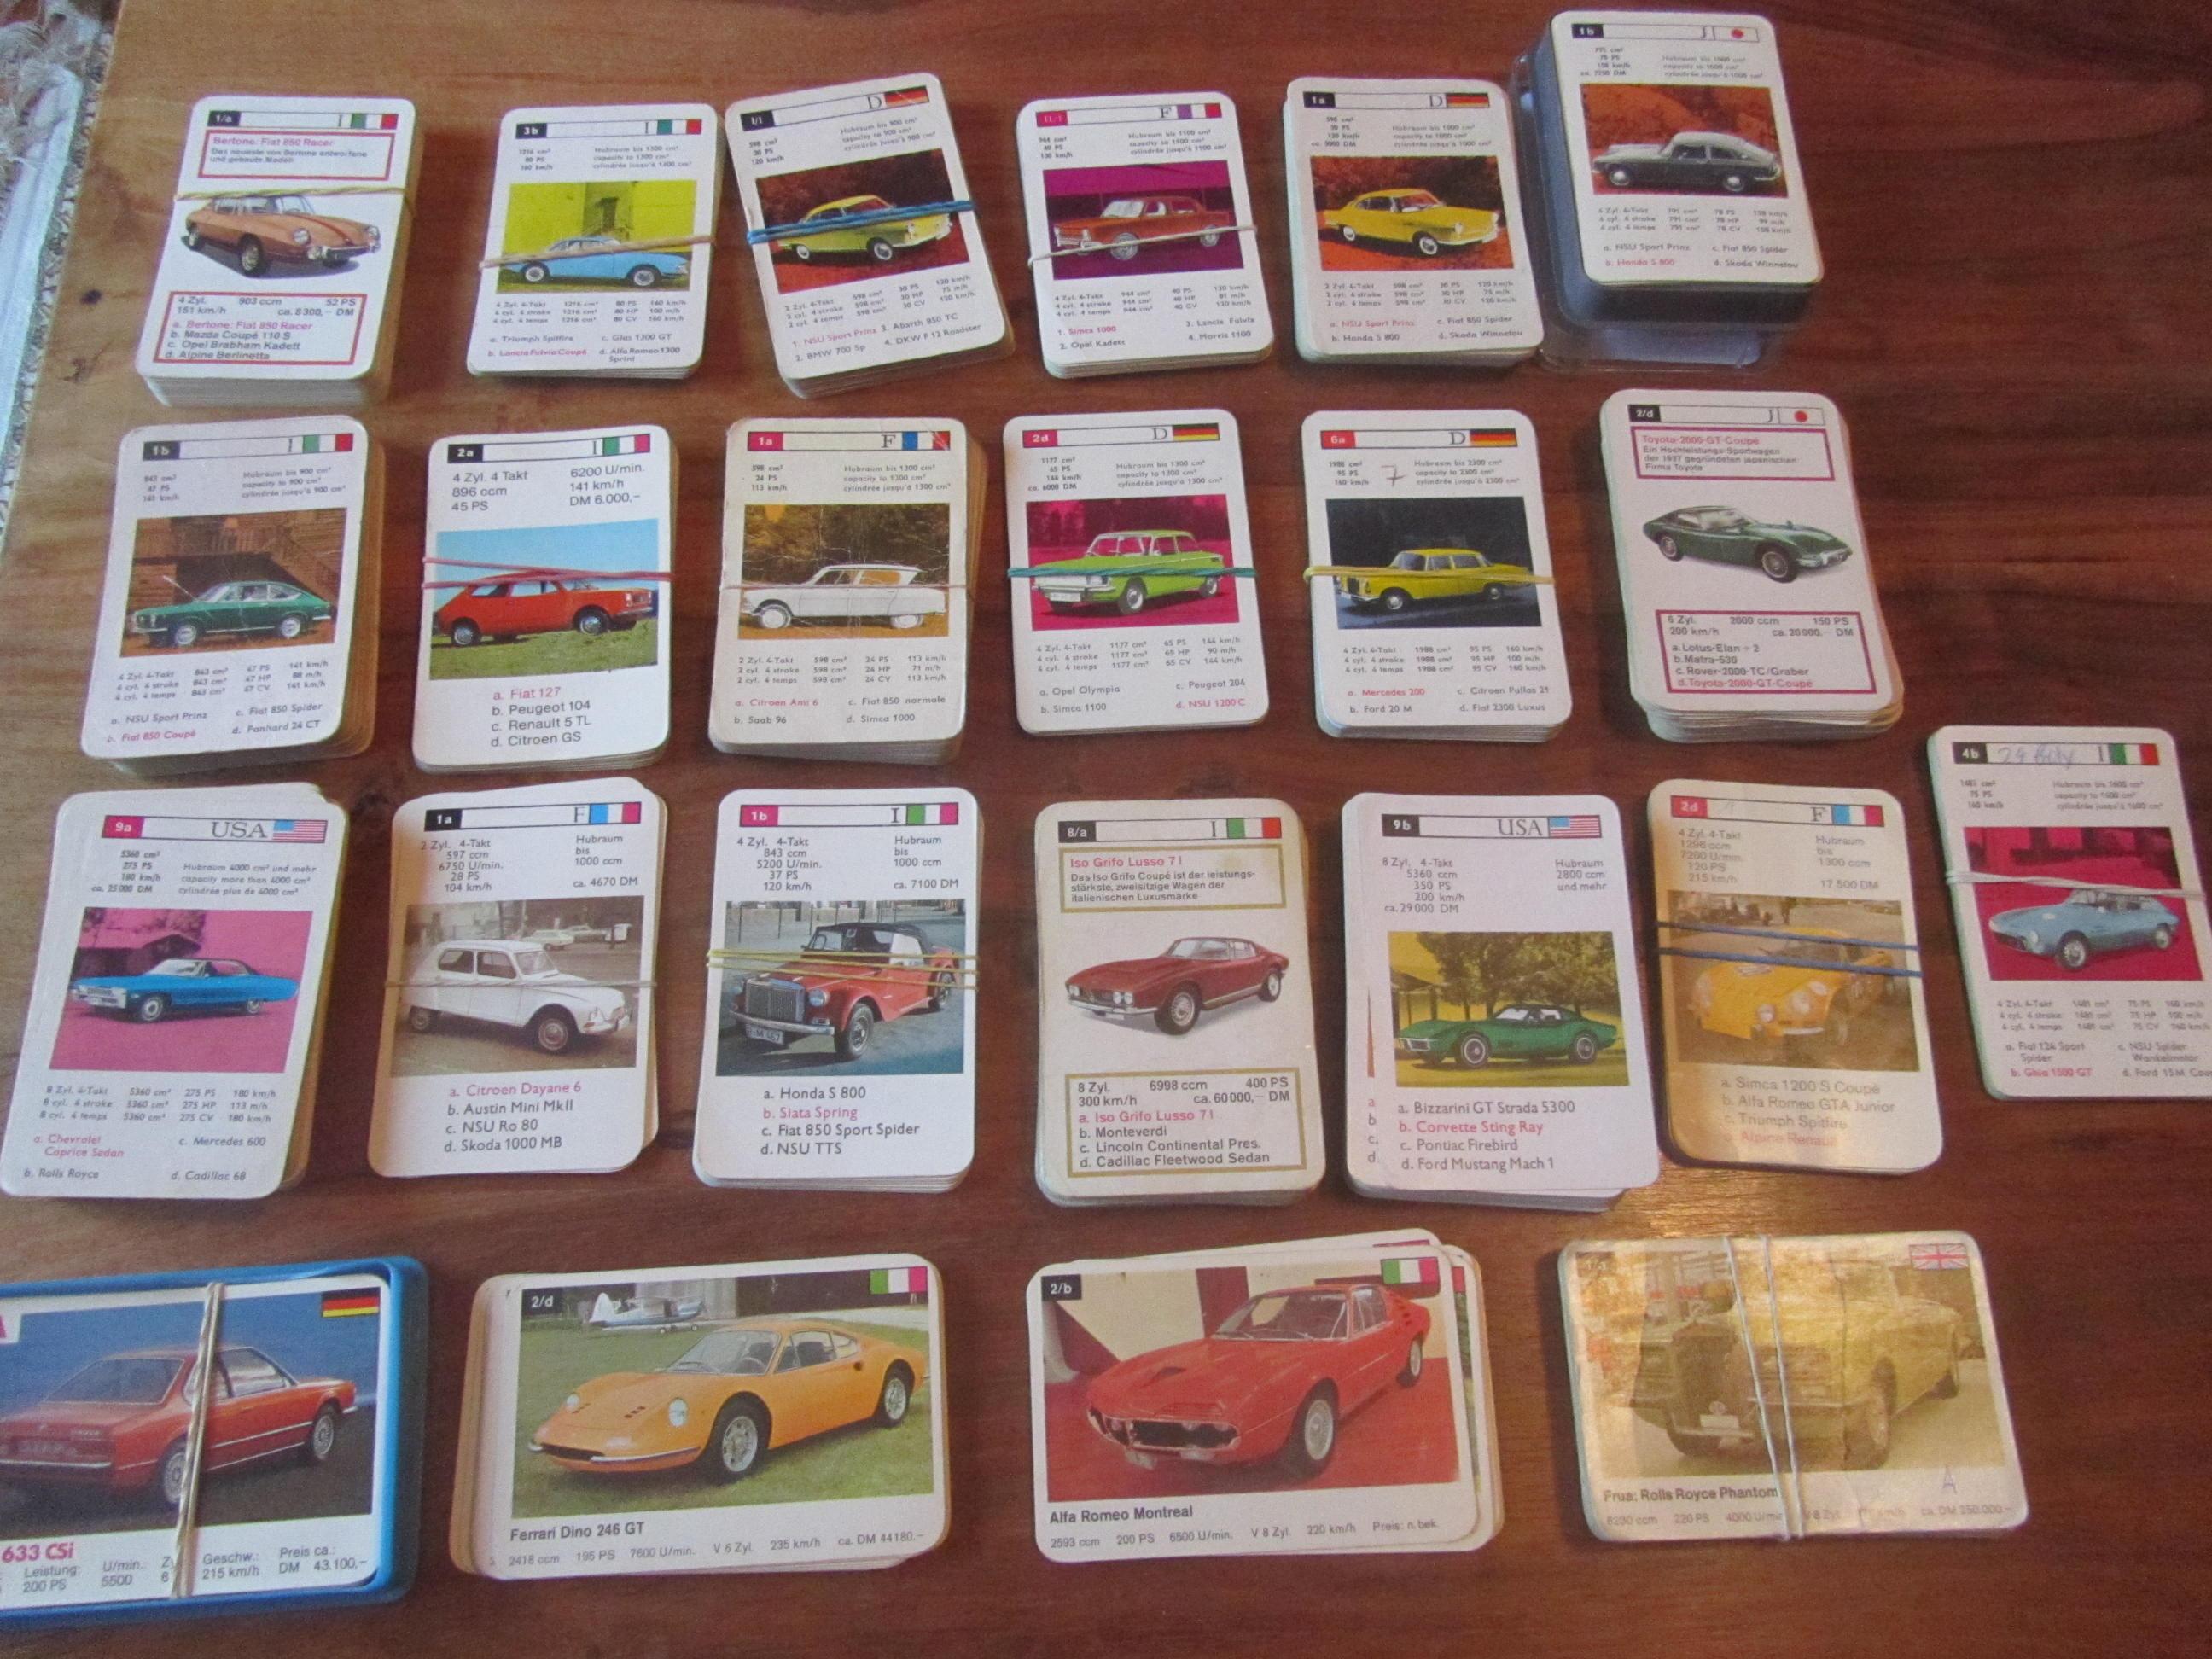 Einzelkarten der FXS Schmid Quartette Sportwagen 52522, Autos 52622 und Superautos 53222 zu verkaufen